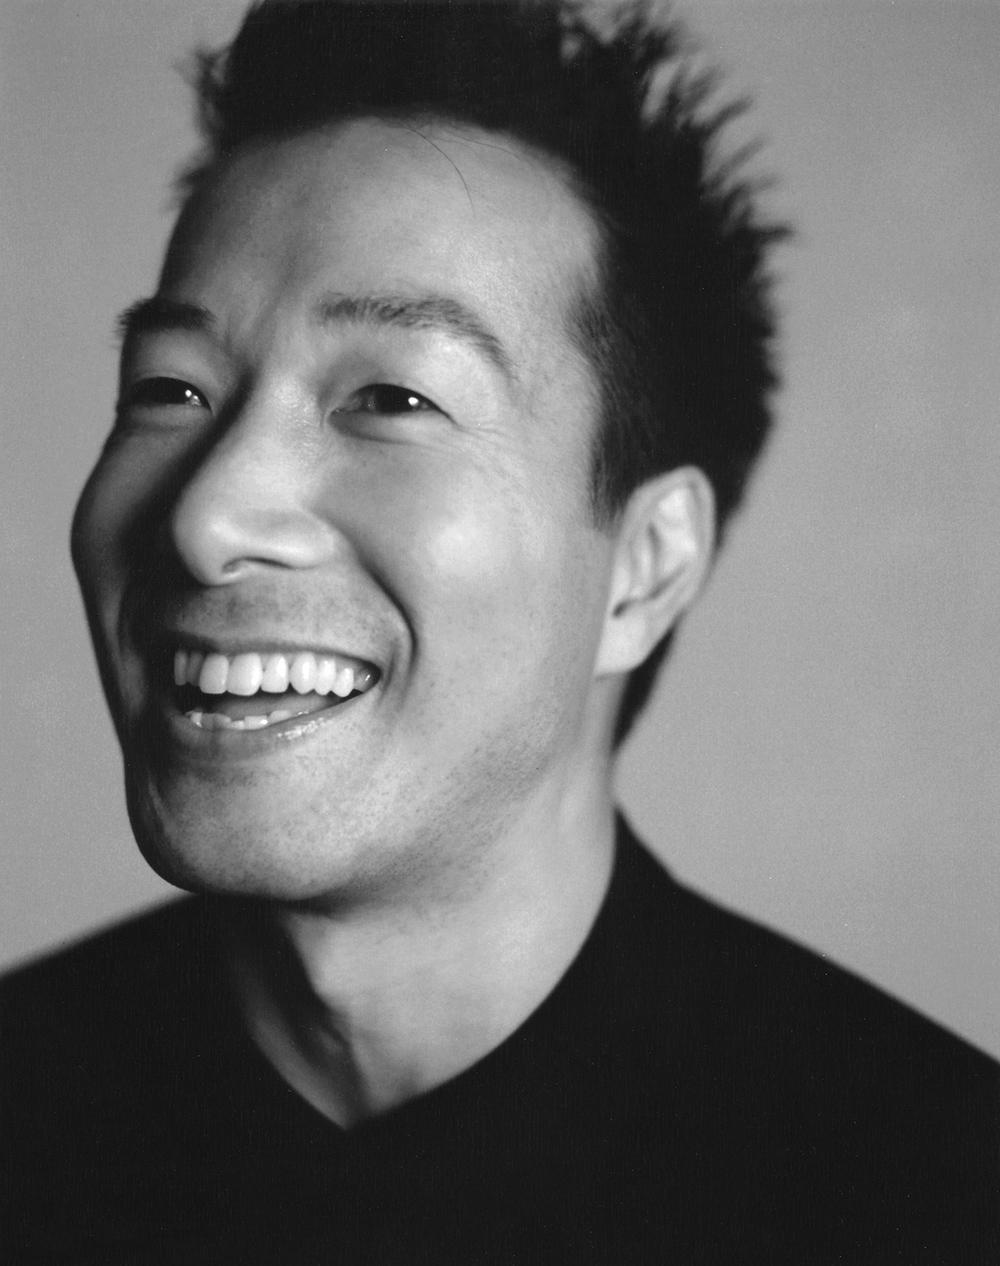 D.B. Kim